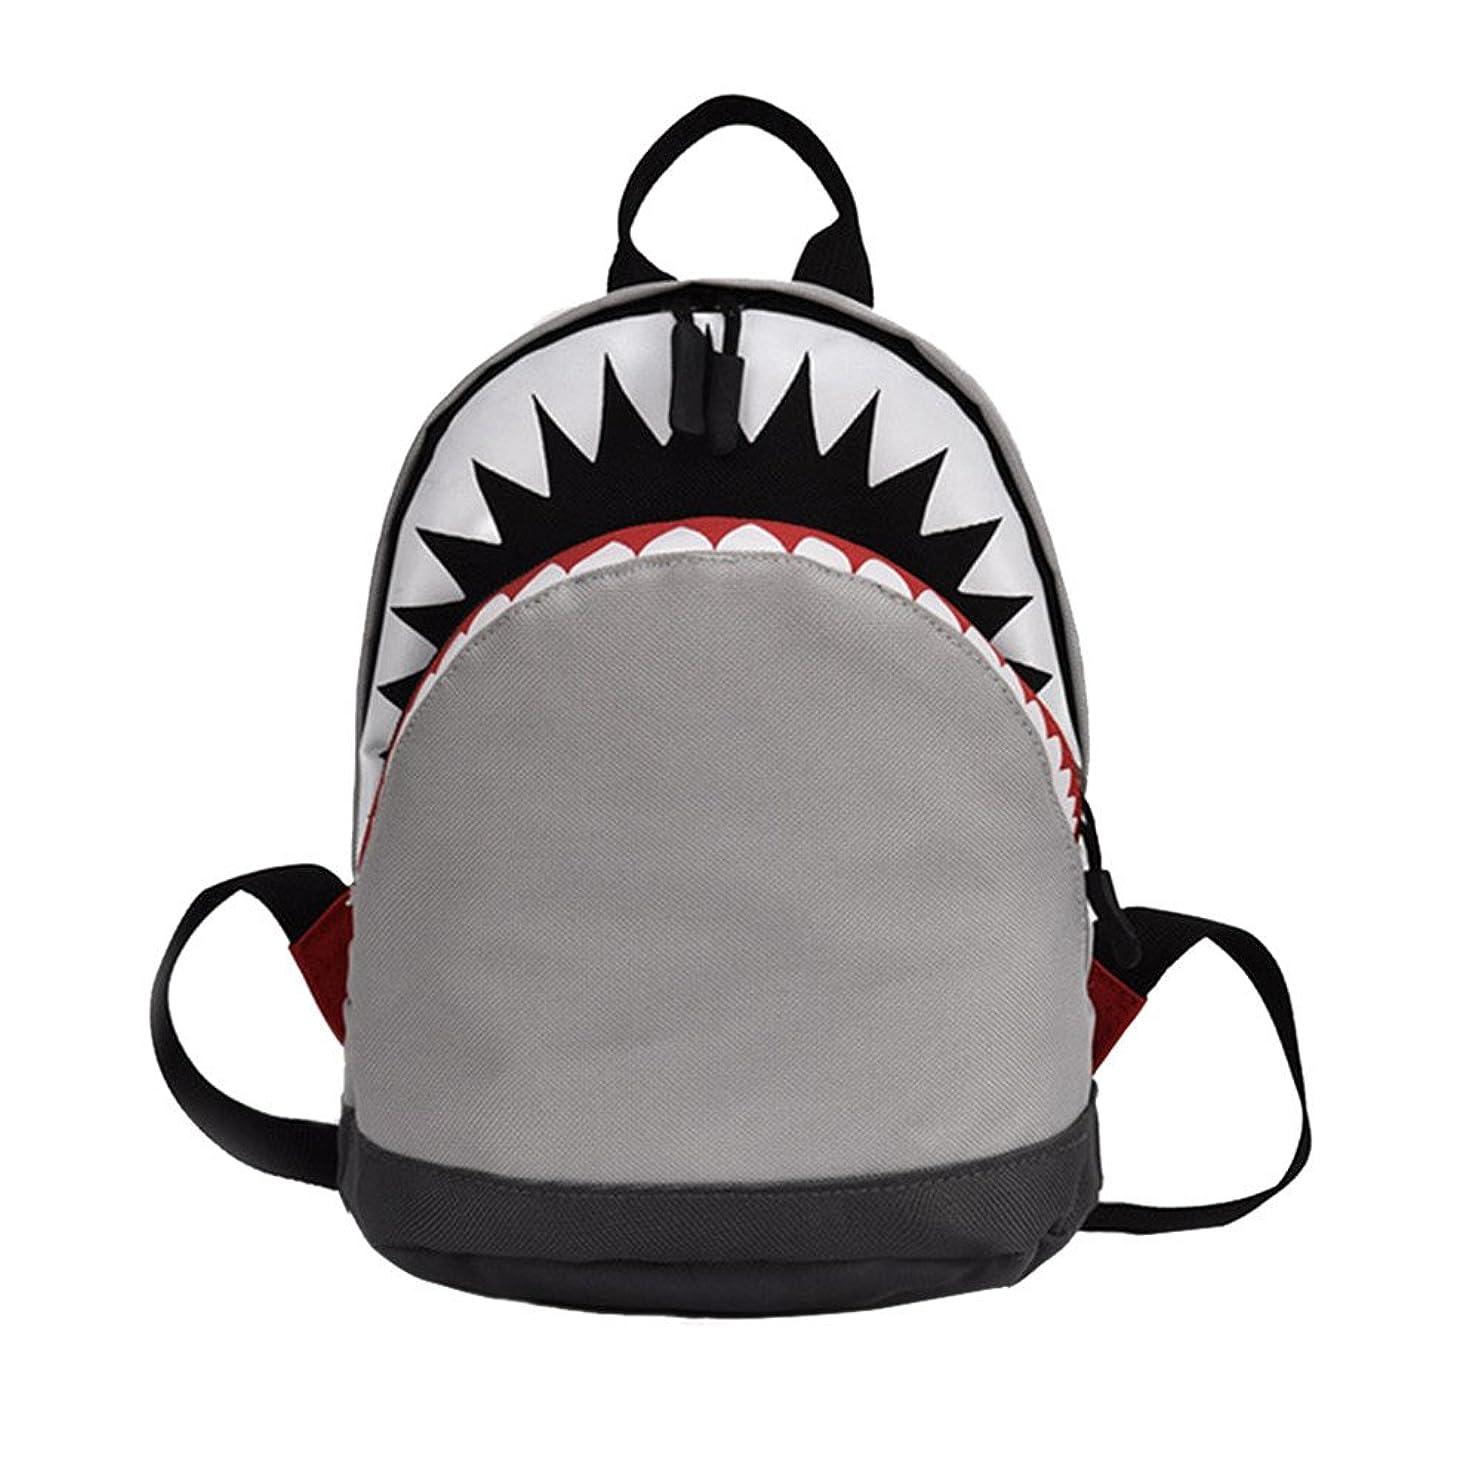 例示するポケット抜け目がない[Nakedonis] NEIKIDNIS Absolute Backpack Mesh backpack unisex dual use [parallel import goods]